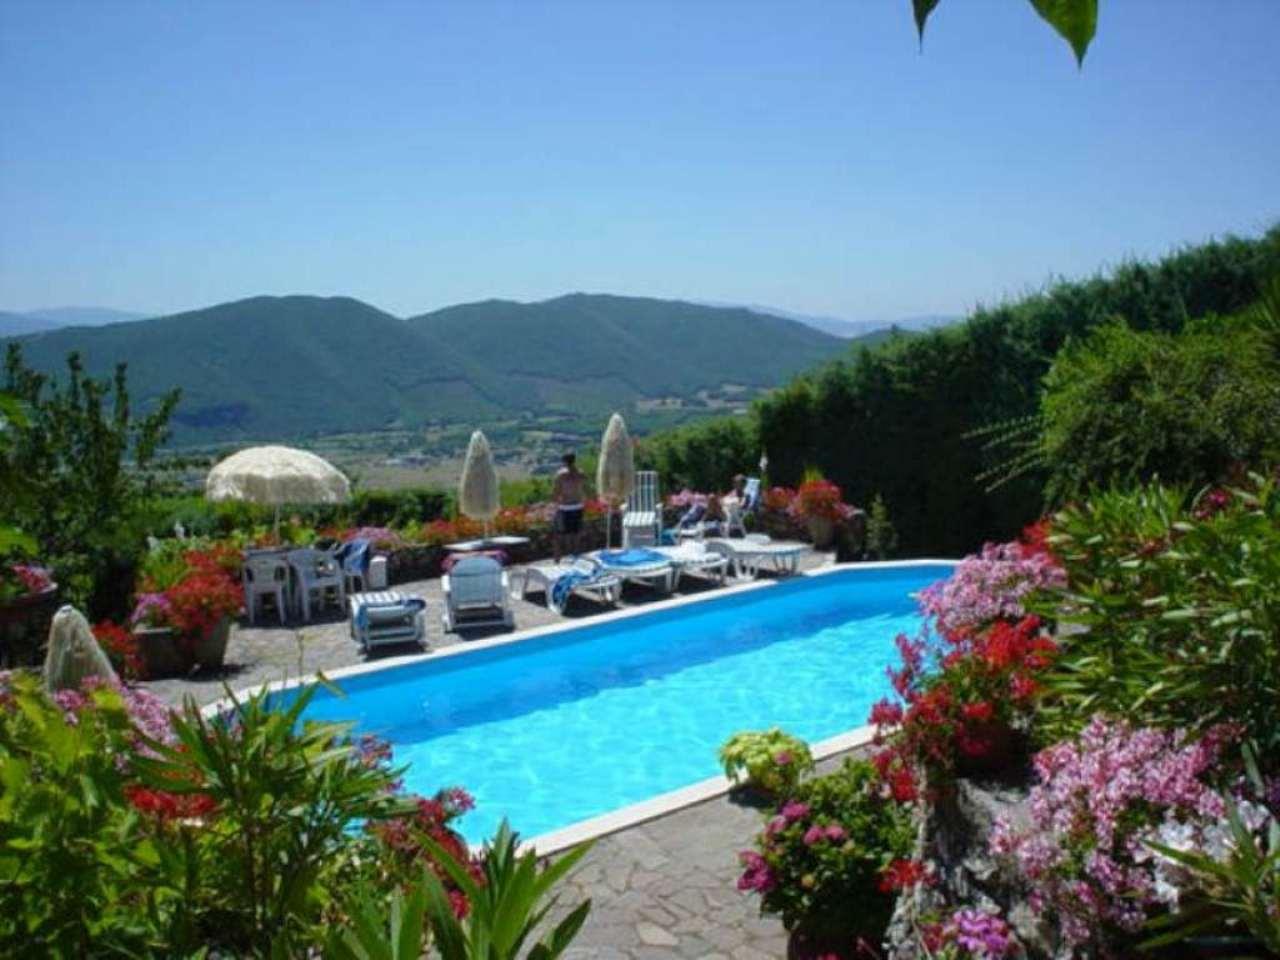 Villa Bifamiliare in vendita a Fiuggi, 10 locali, prezzo € 250.000 | CambioCasa.it